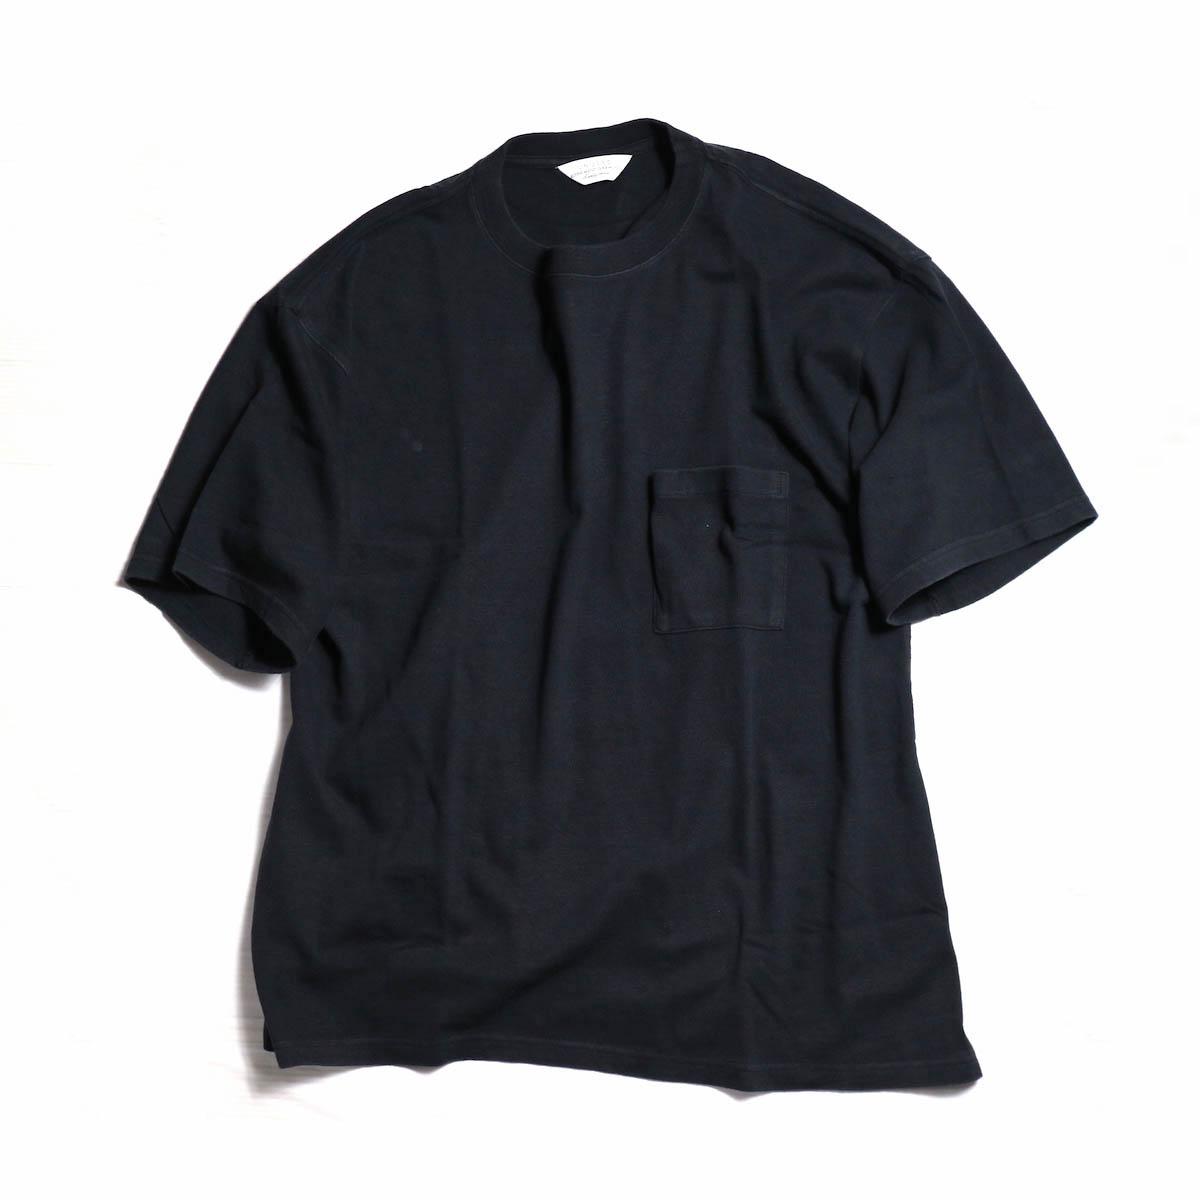 UNUSED / US1368 RAYON LOOSE TEE -BLACK